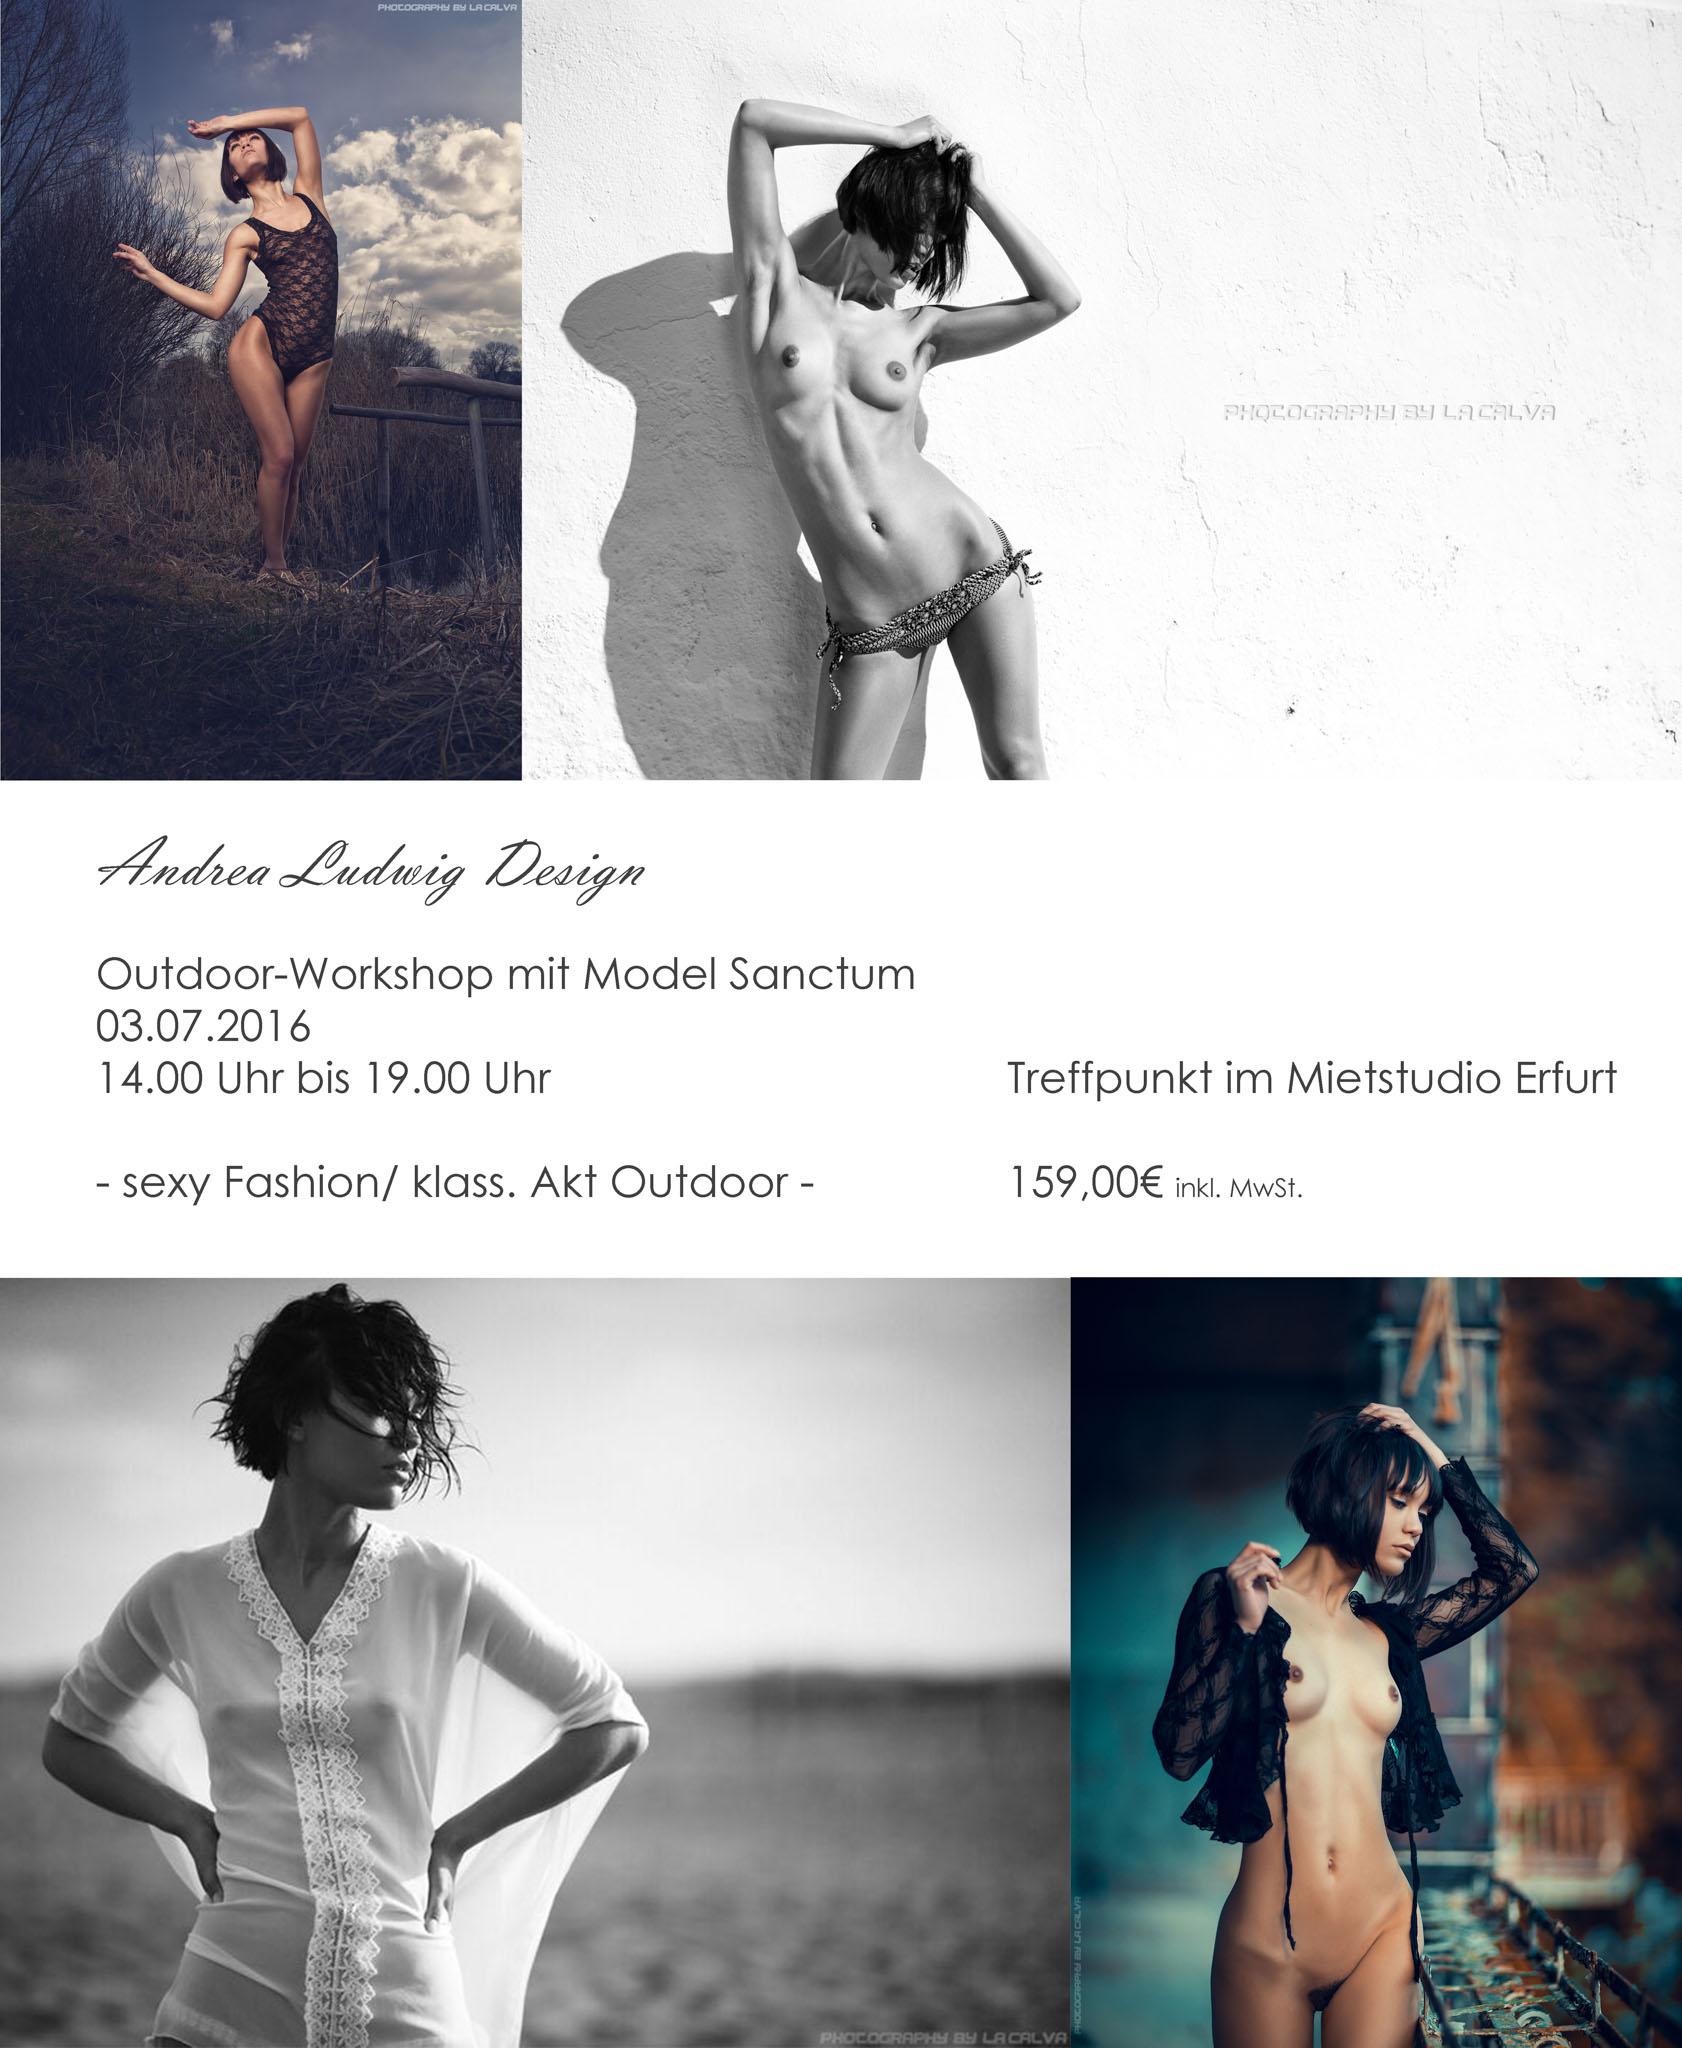 Workshop Erfurt Fotograf Andrea Ludwig Design